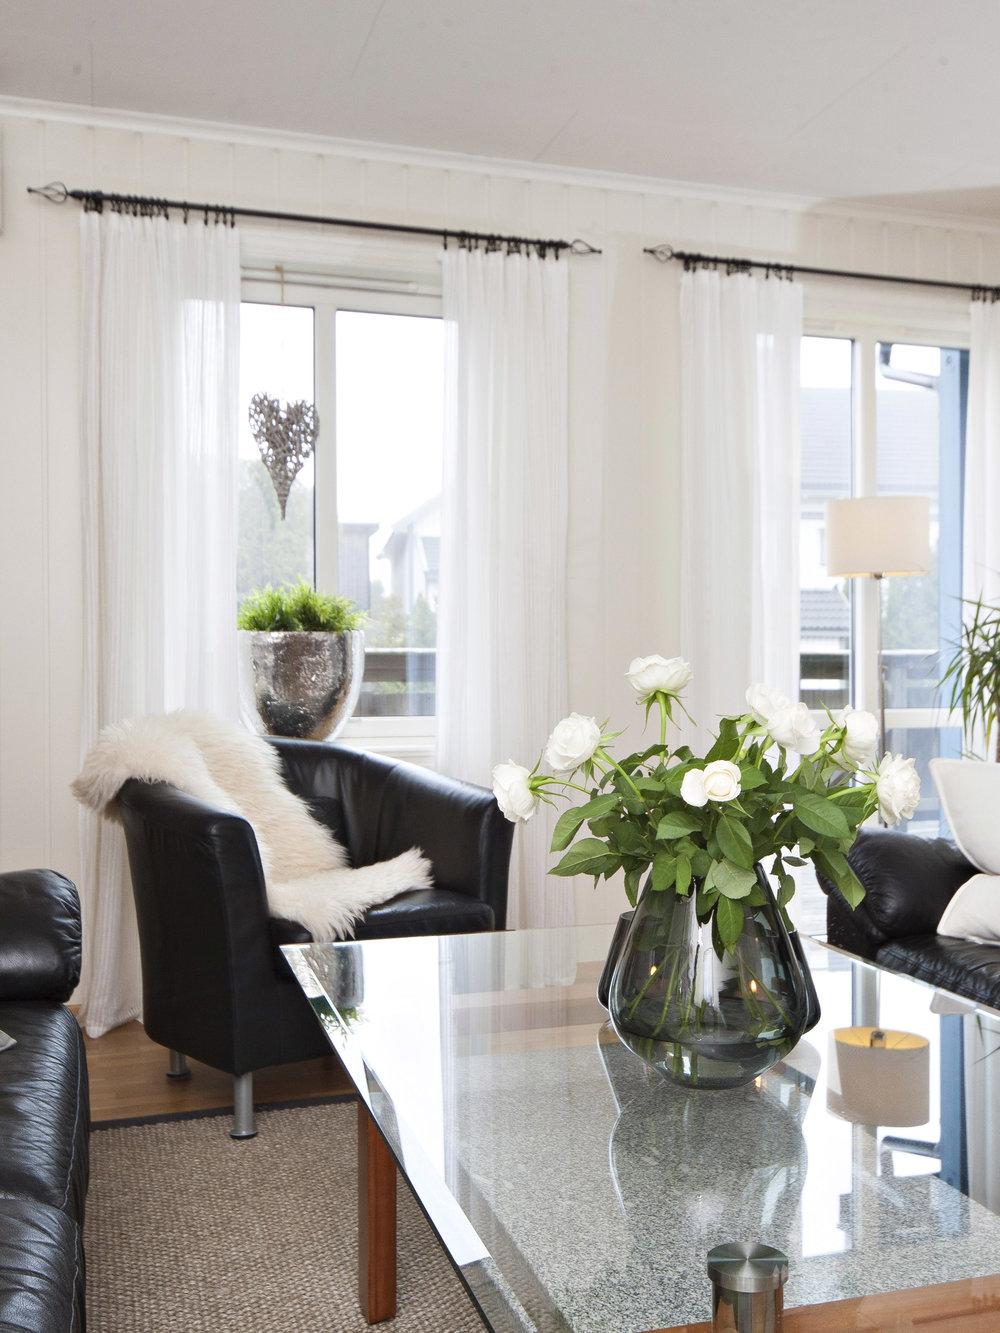 Store vindusflater i stue gir godt med naturlig lysinnslipp.